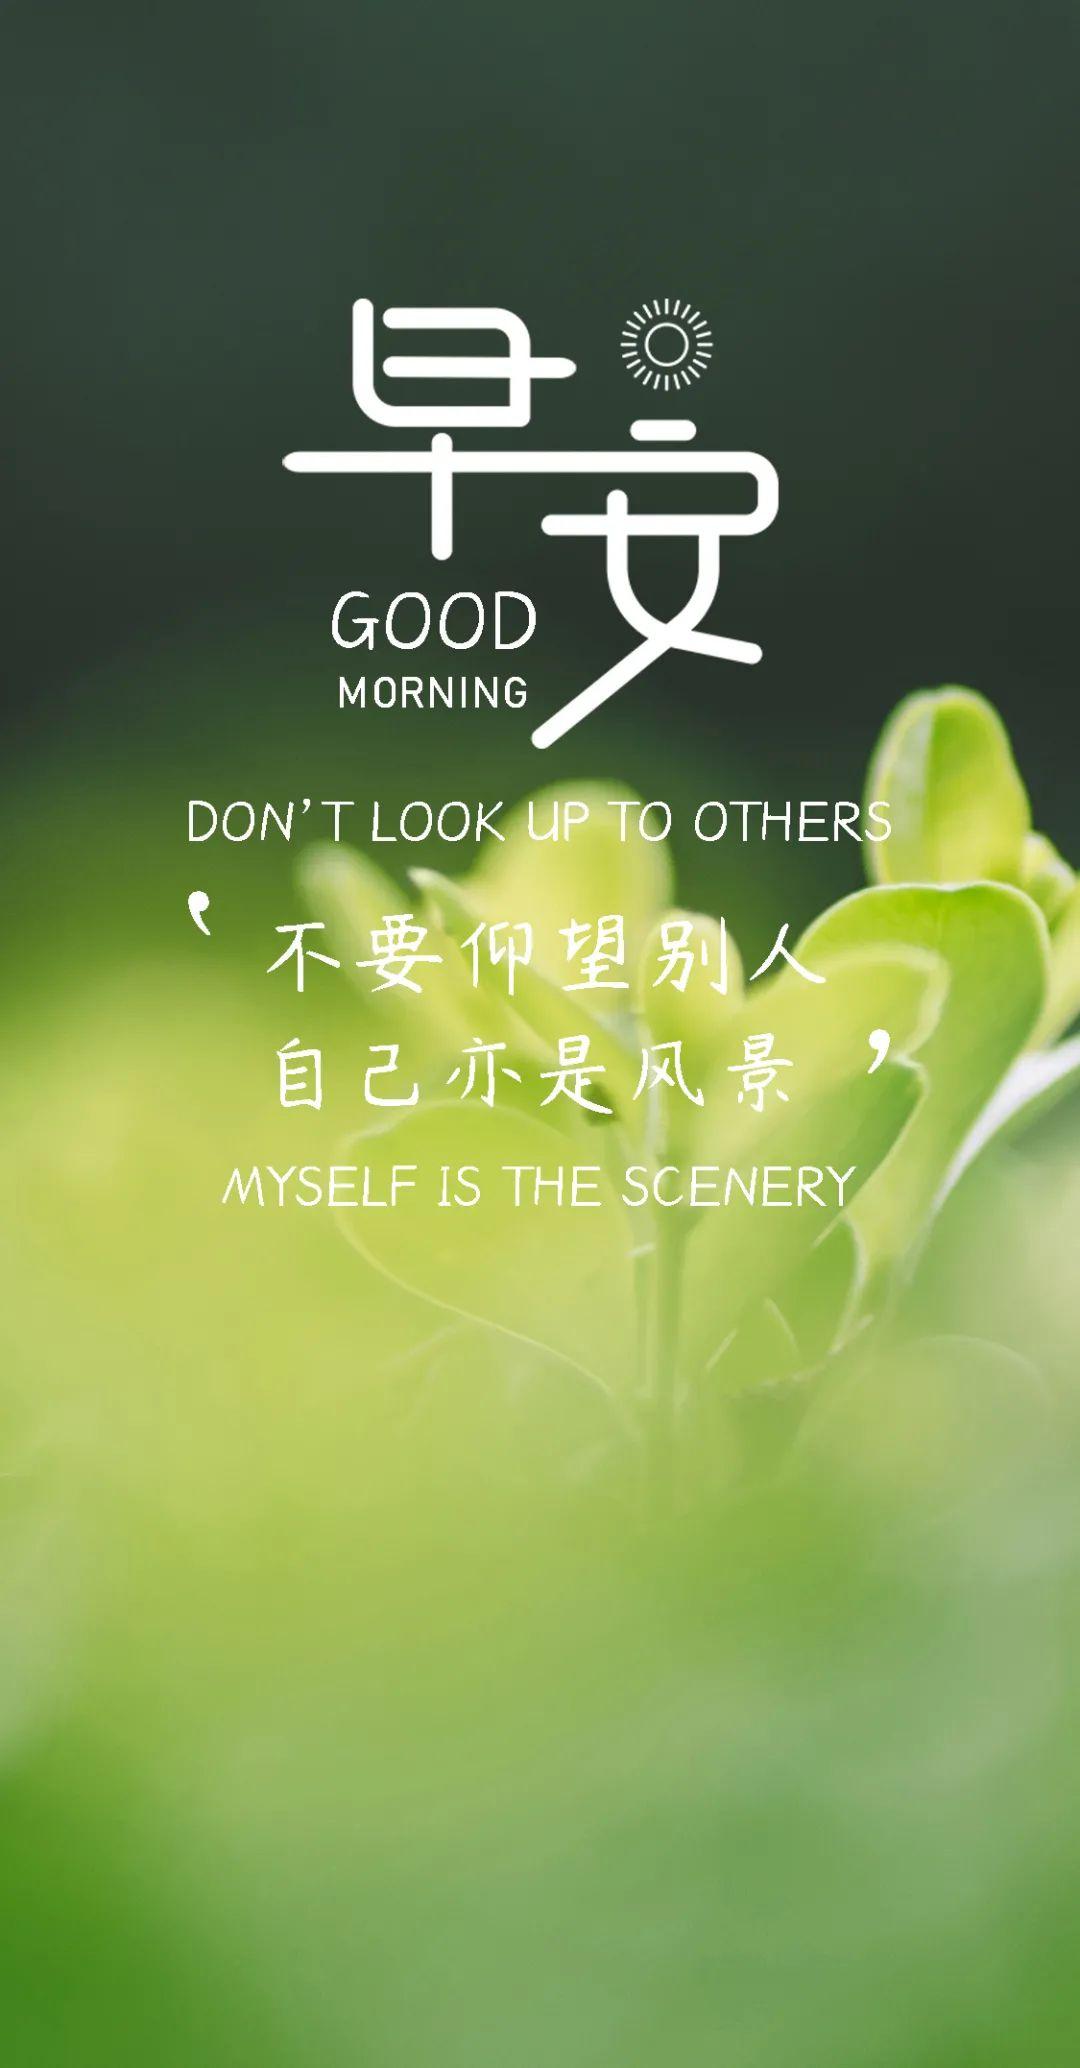 正能量早安图片语句,激励人心的早安句子,加油梦想